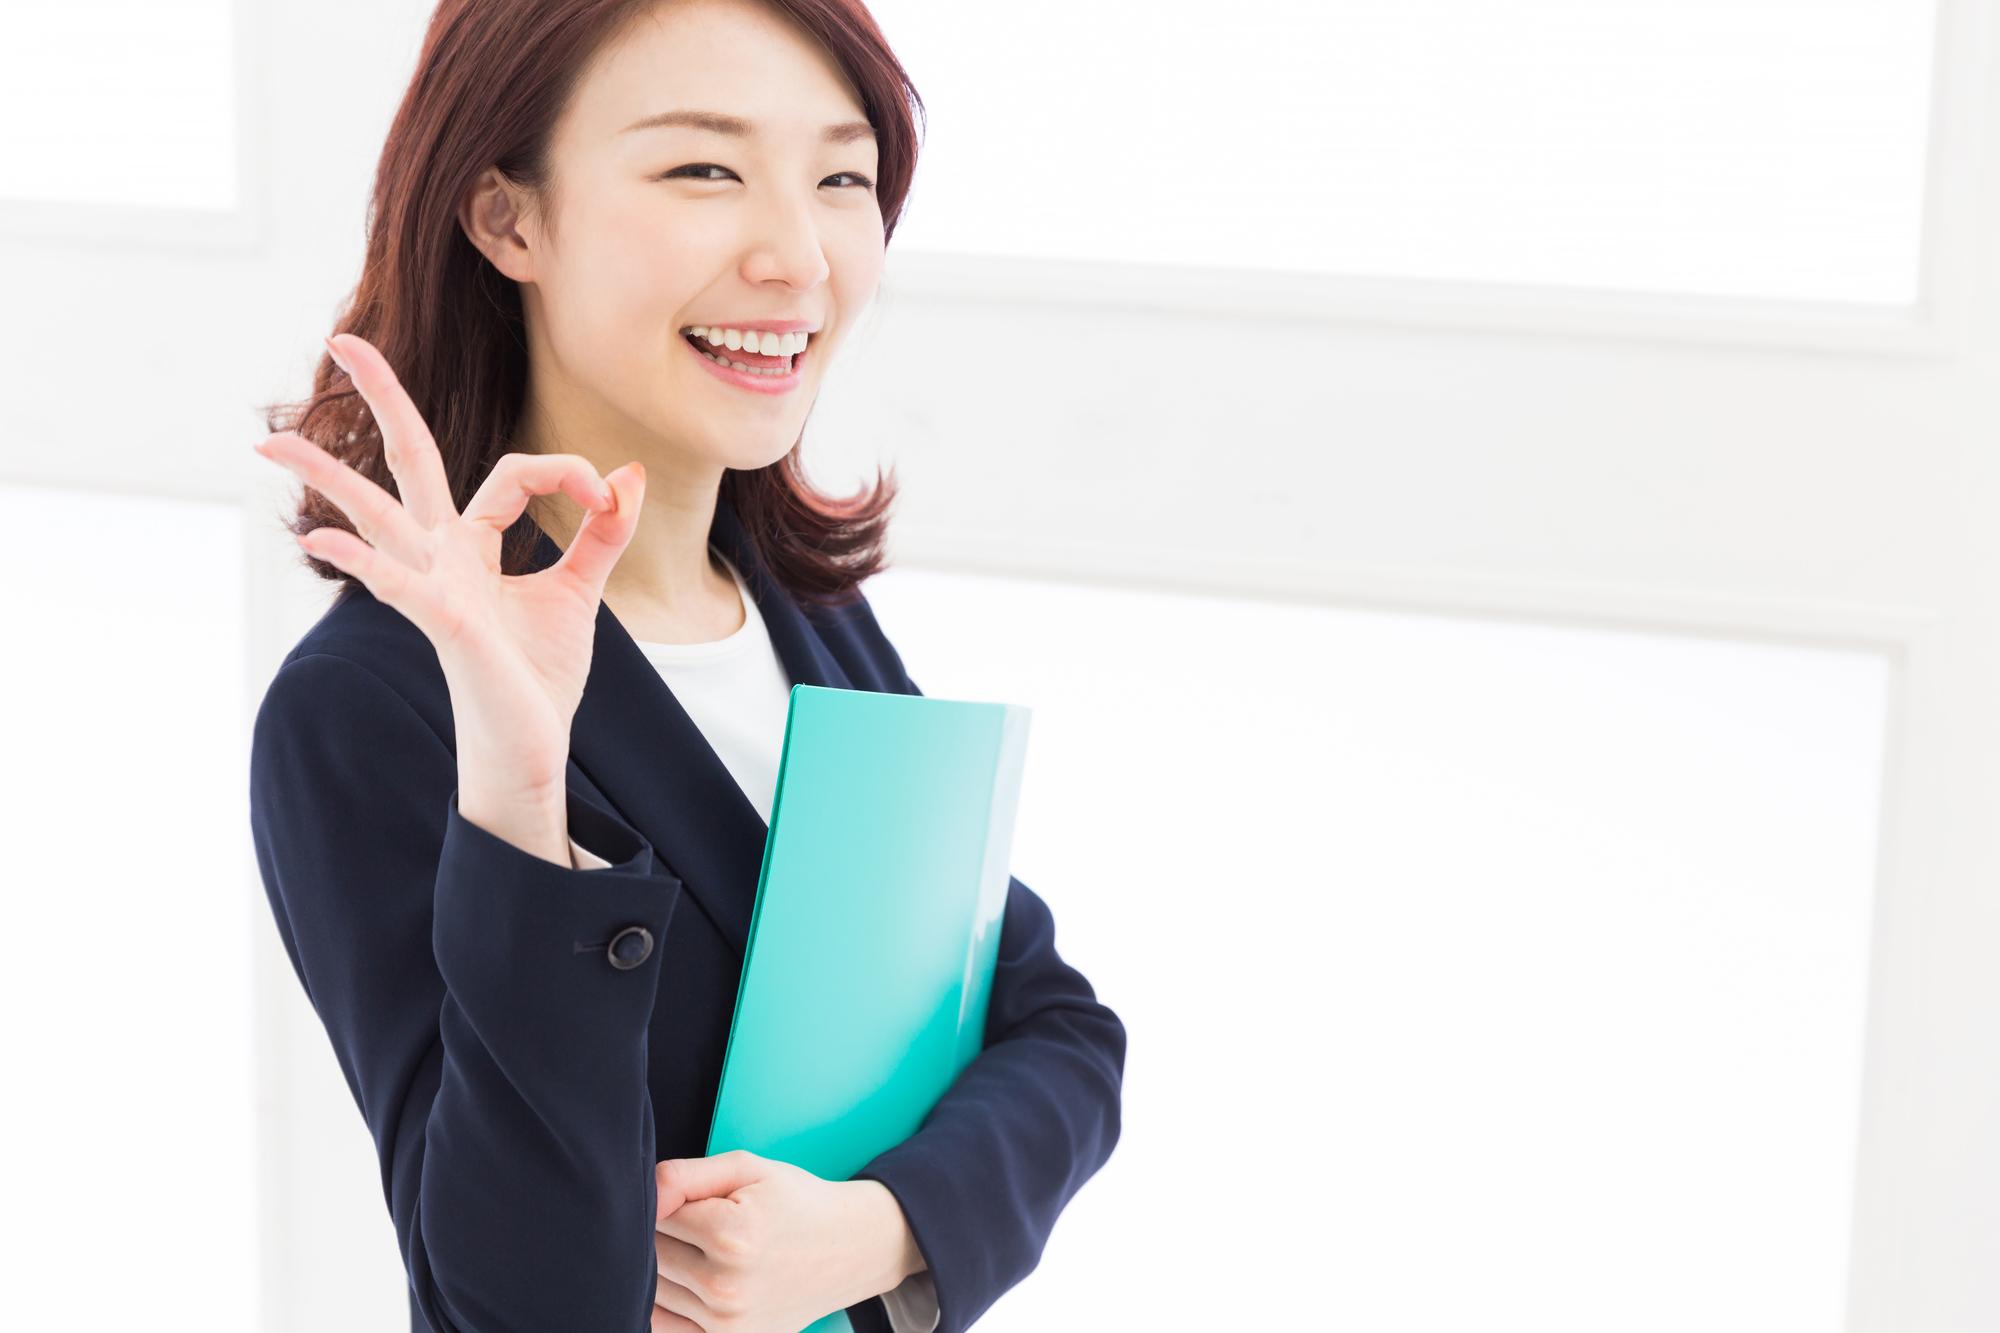 就職に失敗してもまともな会社に就職できる【既卒が優良企業に就職する方法】